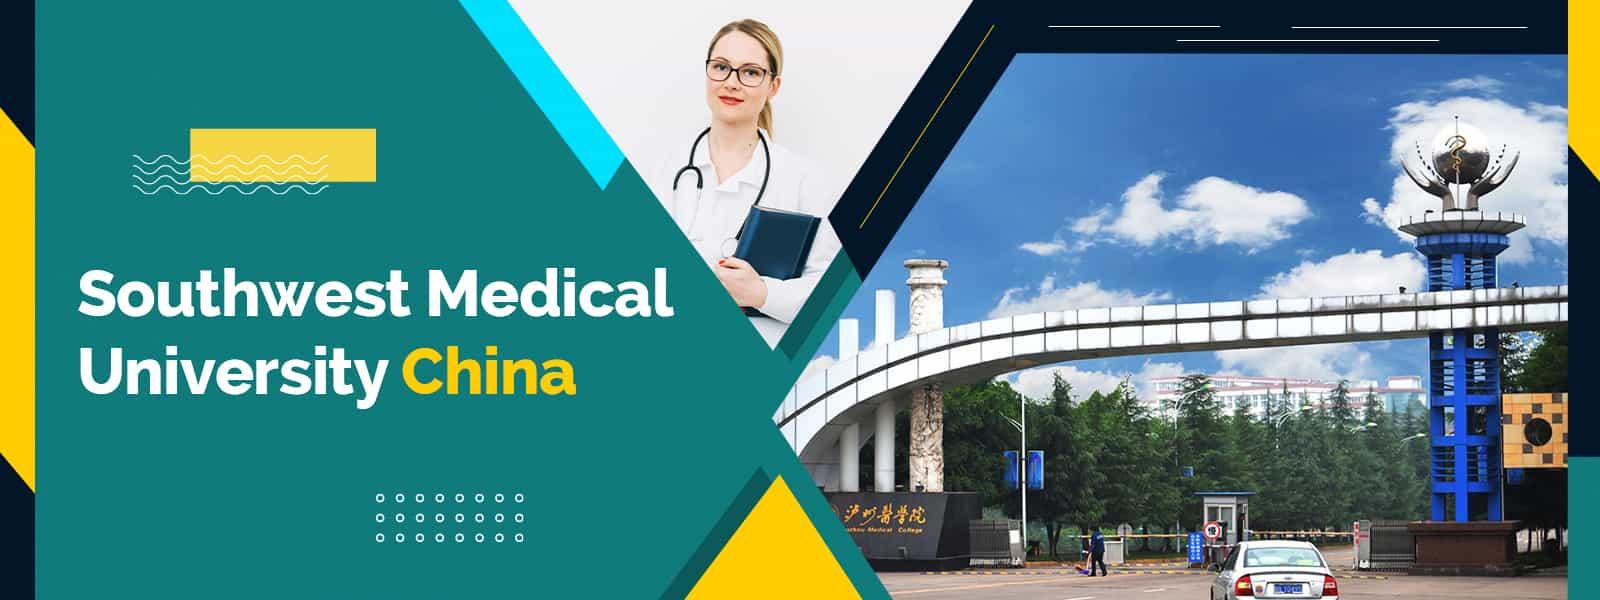 Southwest Medical University China